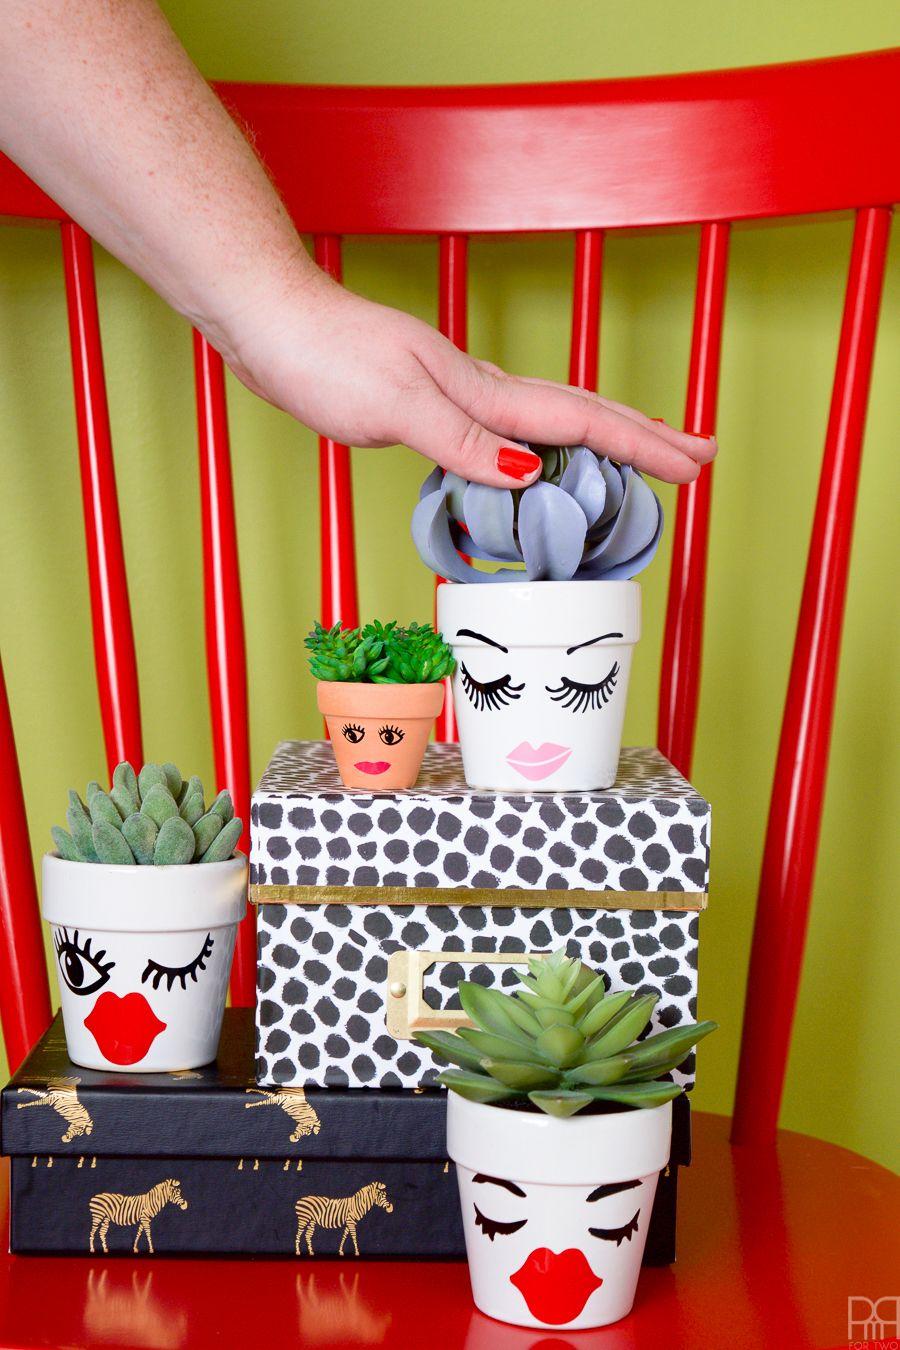 Vinyl Face Succulent Planters Face planters, Planters